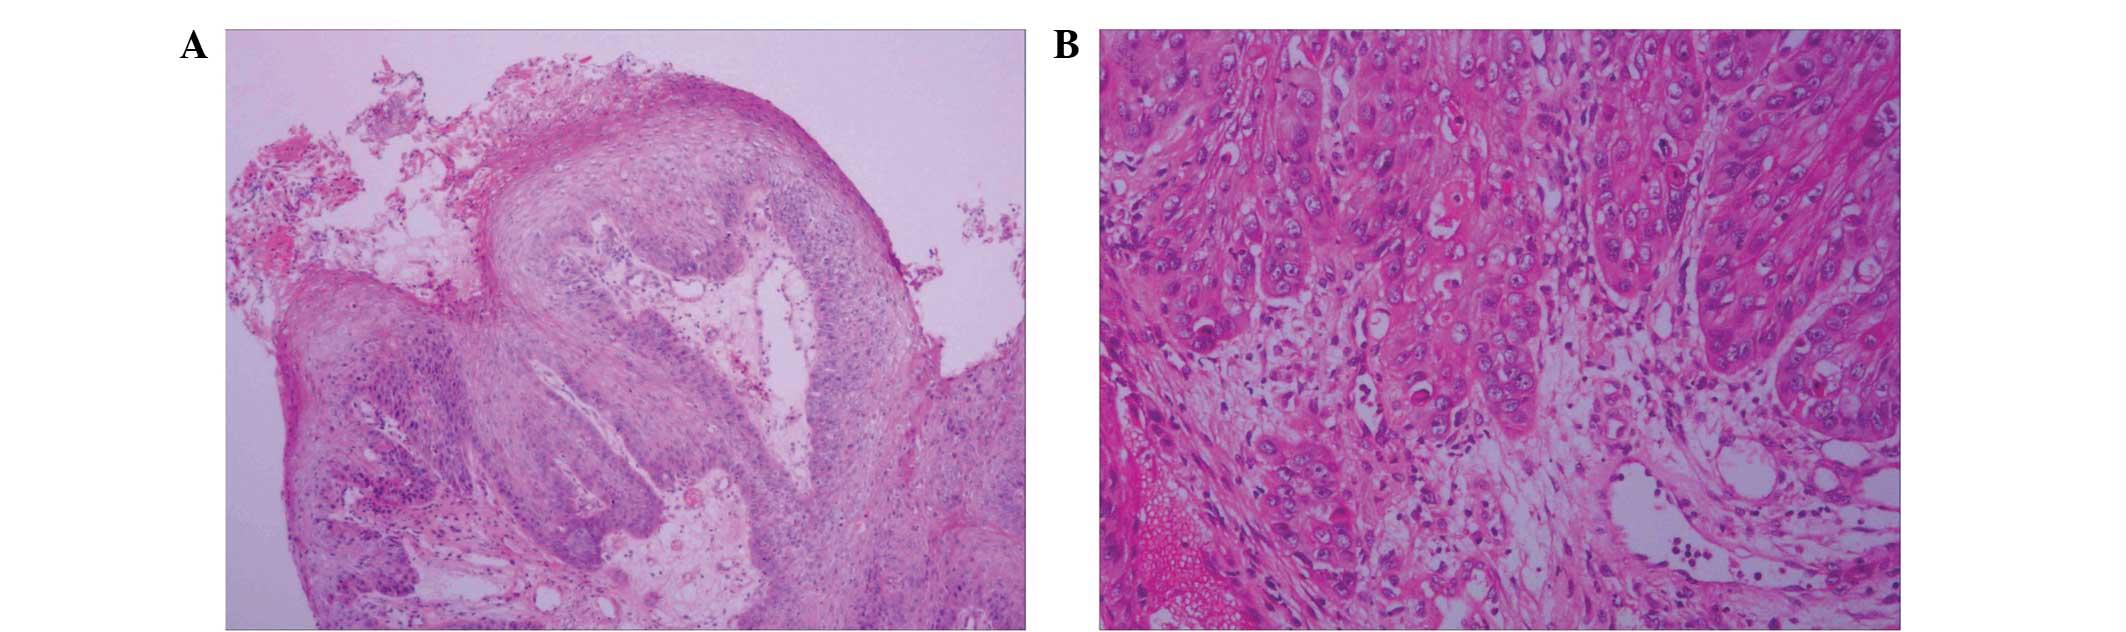 is squamous papilloma malignant